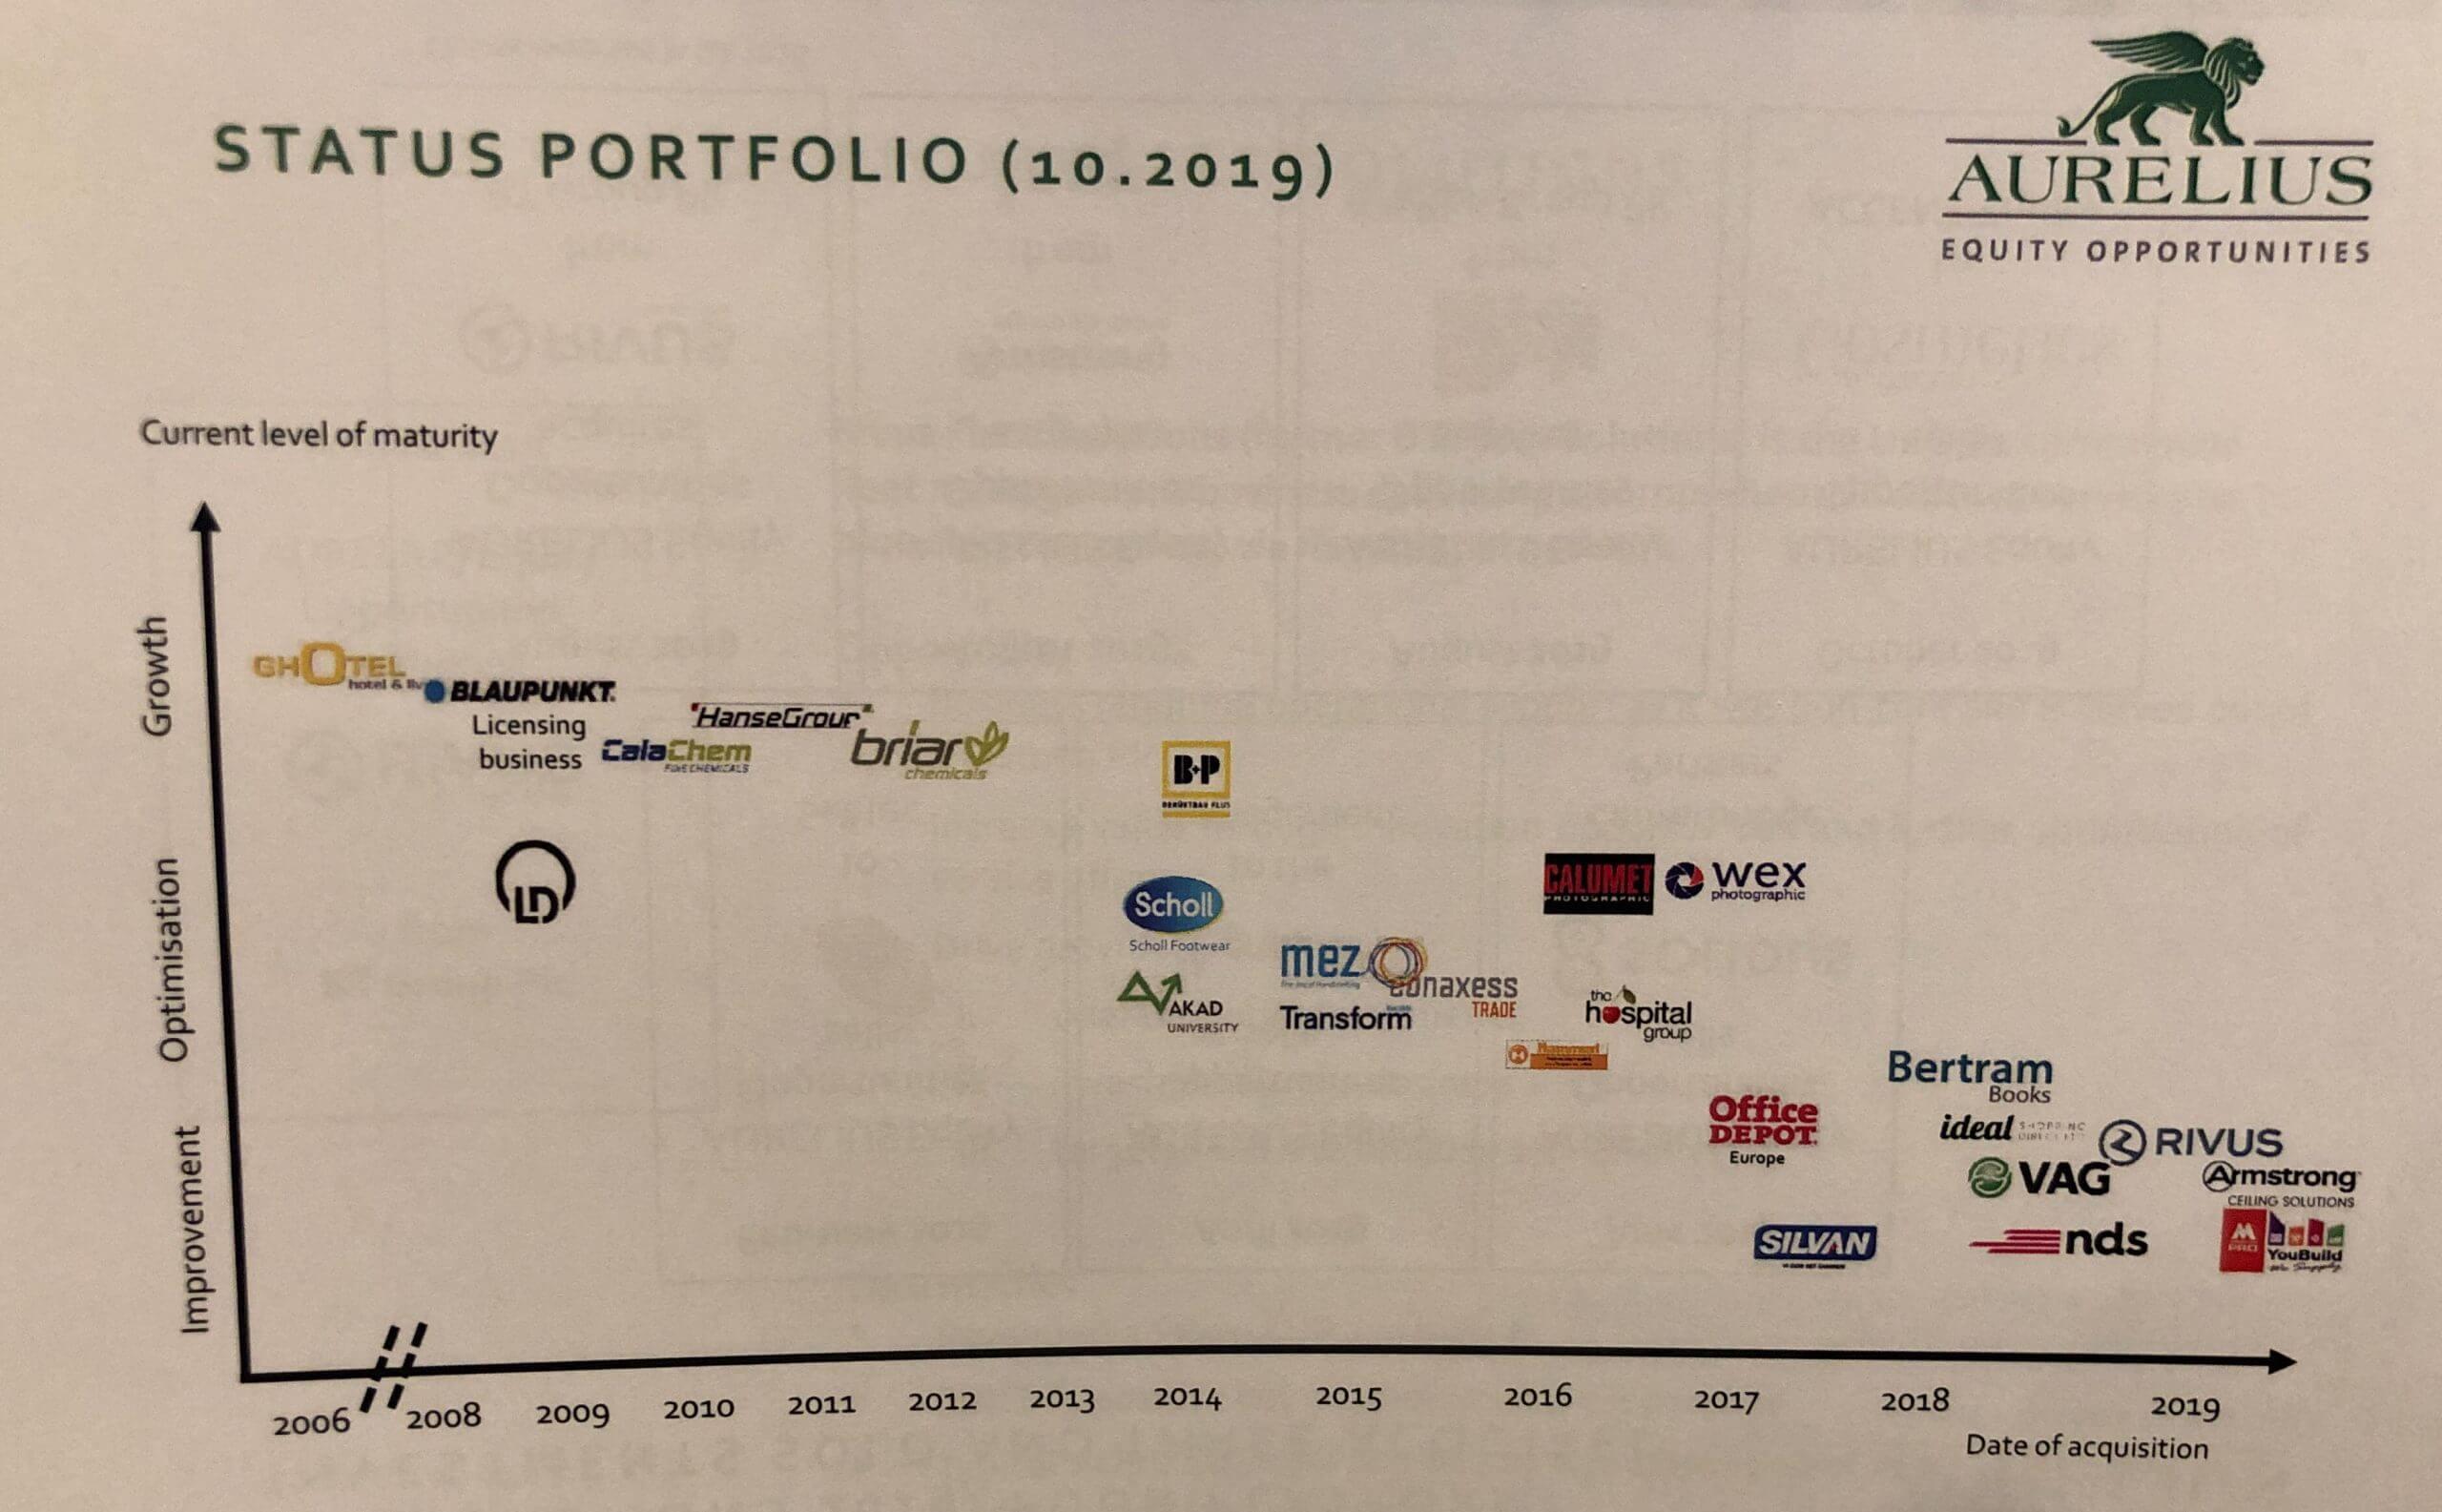 aurelius status portfolio 10 2019